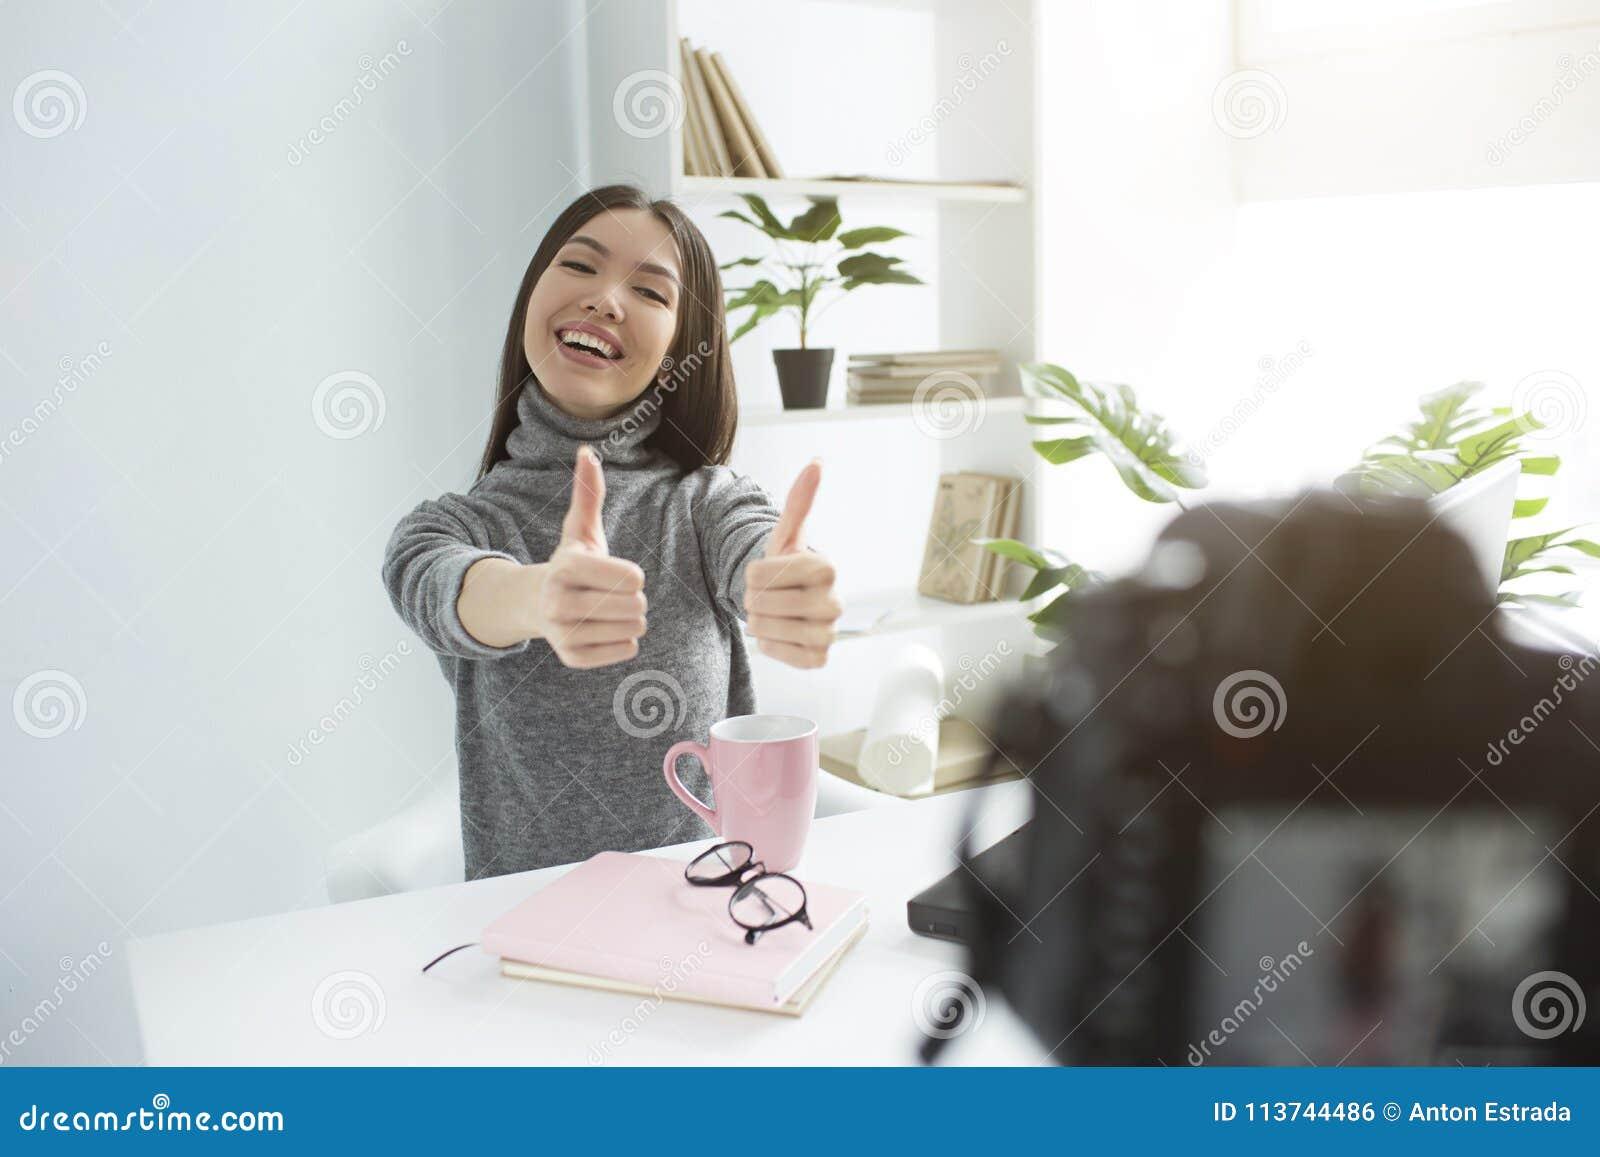 Ein Bild des glücklichem und delightul Mädchens, das am Tisch sitzt und ihr neues vlog notiert Sie zeigt sich ihr große Daumen